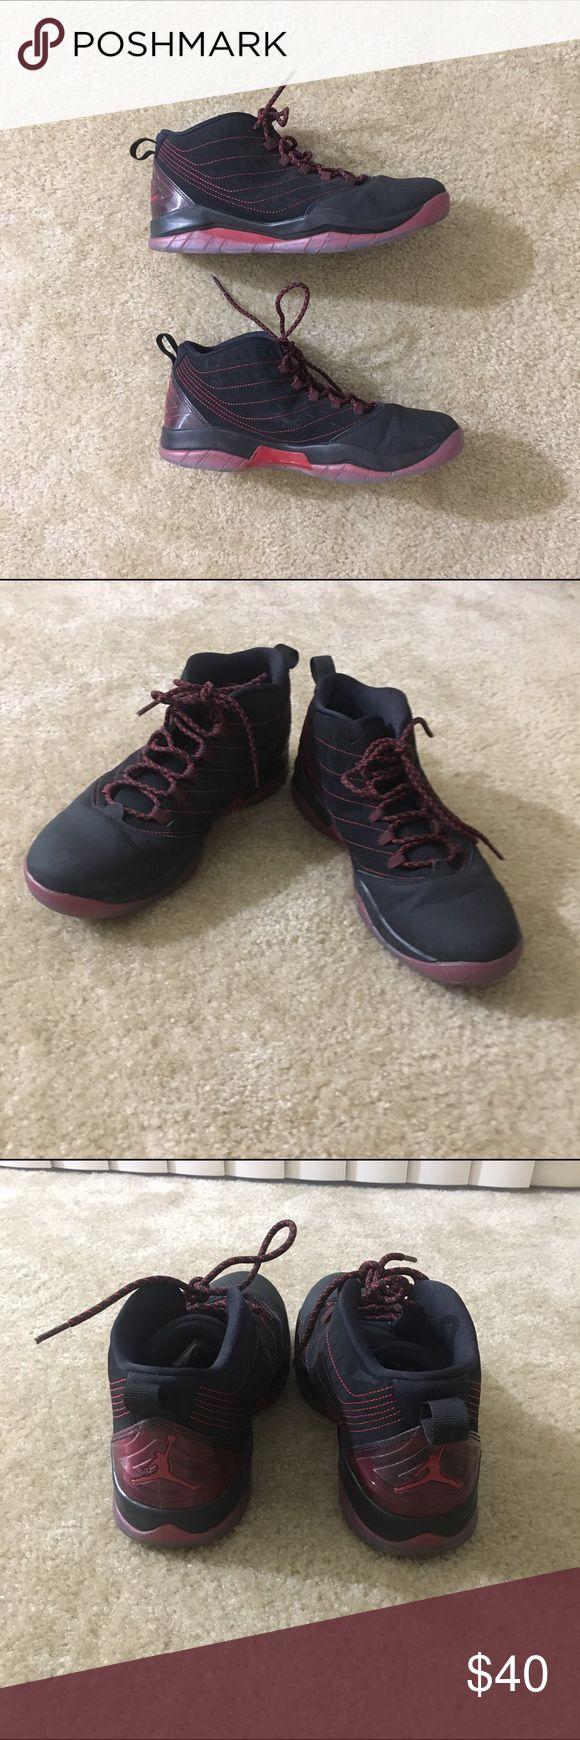 🎉HP🎉Jordan Red and Black Hi Top Sneakers Sz 7Y Jordans Red and Black Hi Top Sneakers Sz 7Y. Preowned with minimal wear. Cute sneakers! Jordan Shoes Sneakers